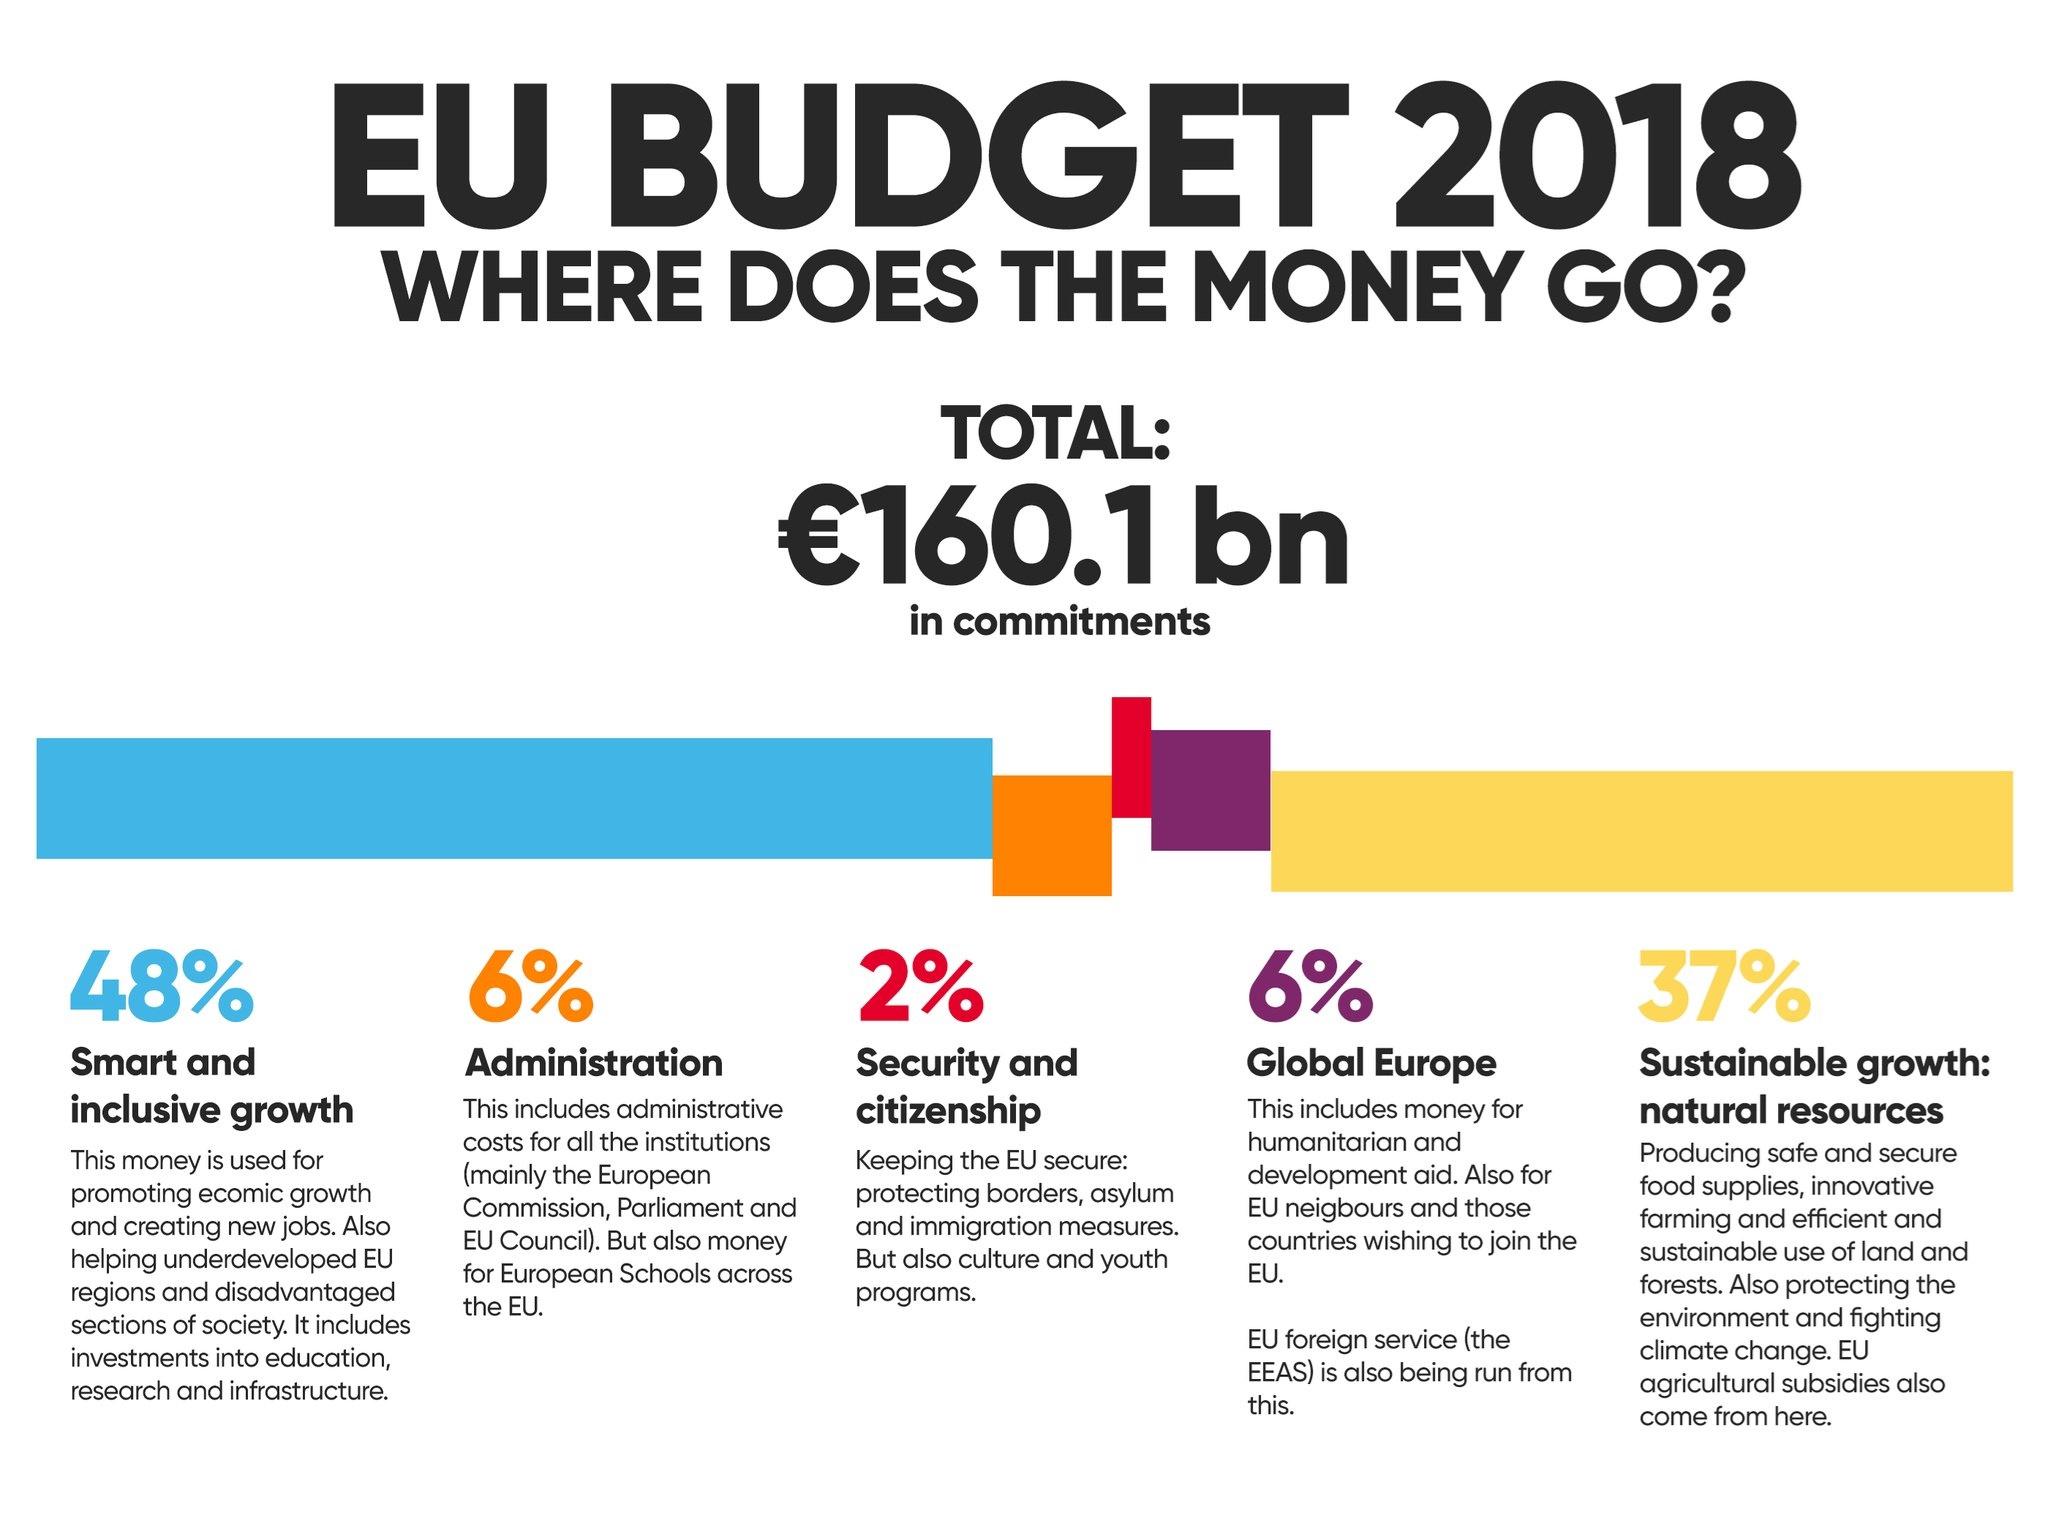 بودجه اتحادیه اروپا | پول ها کجا خرج می شود